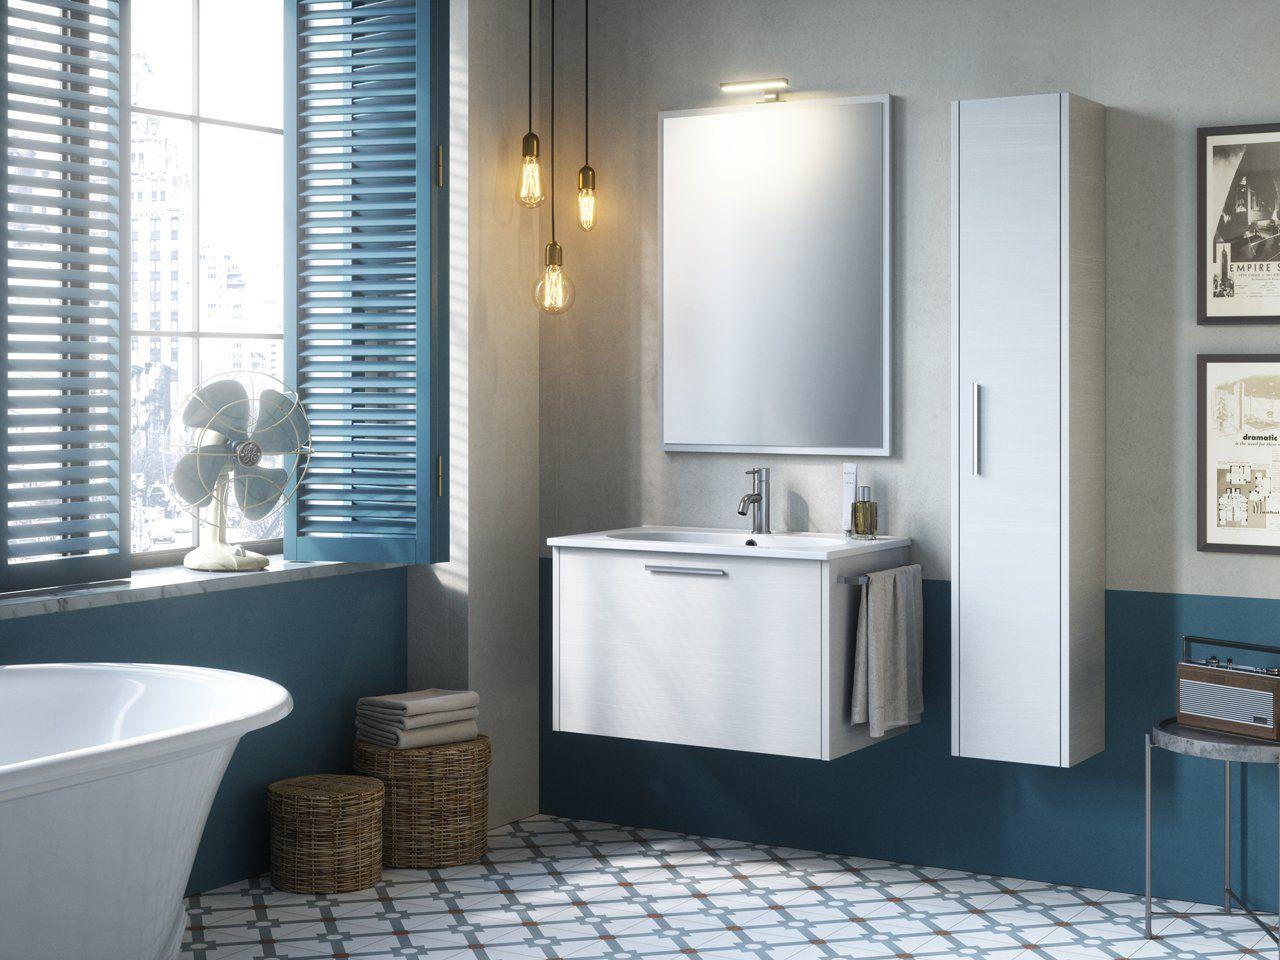 Mobile bagno smile 75 cm bianco effetto legno con lavabo